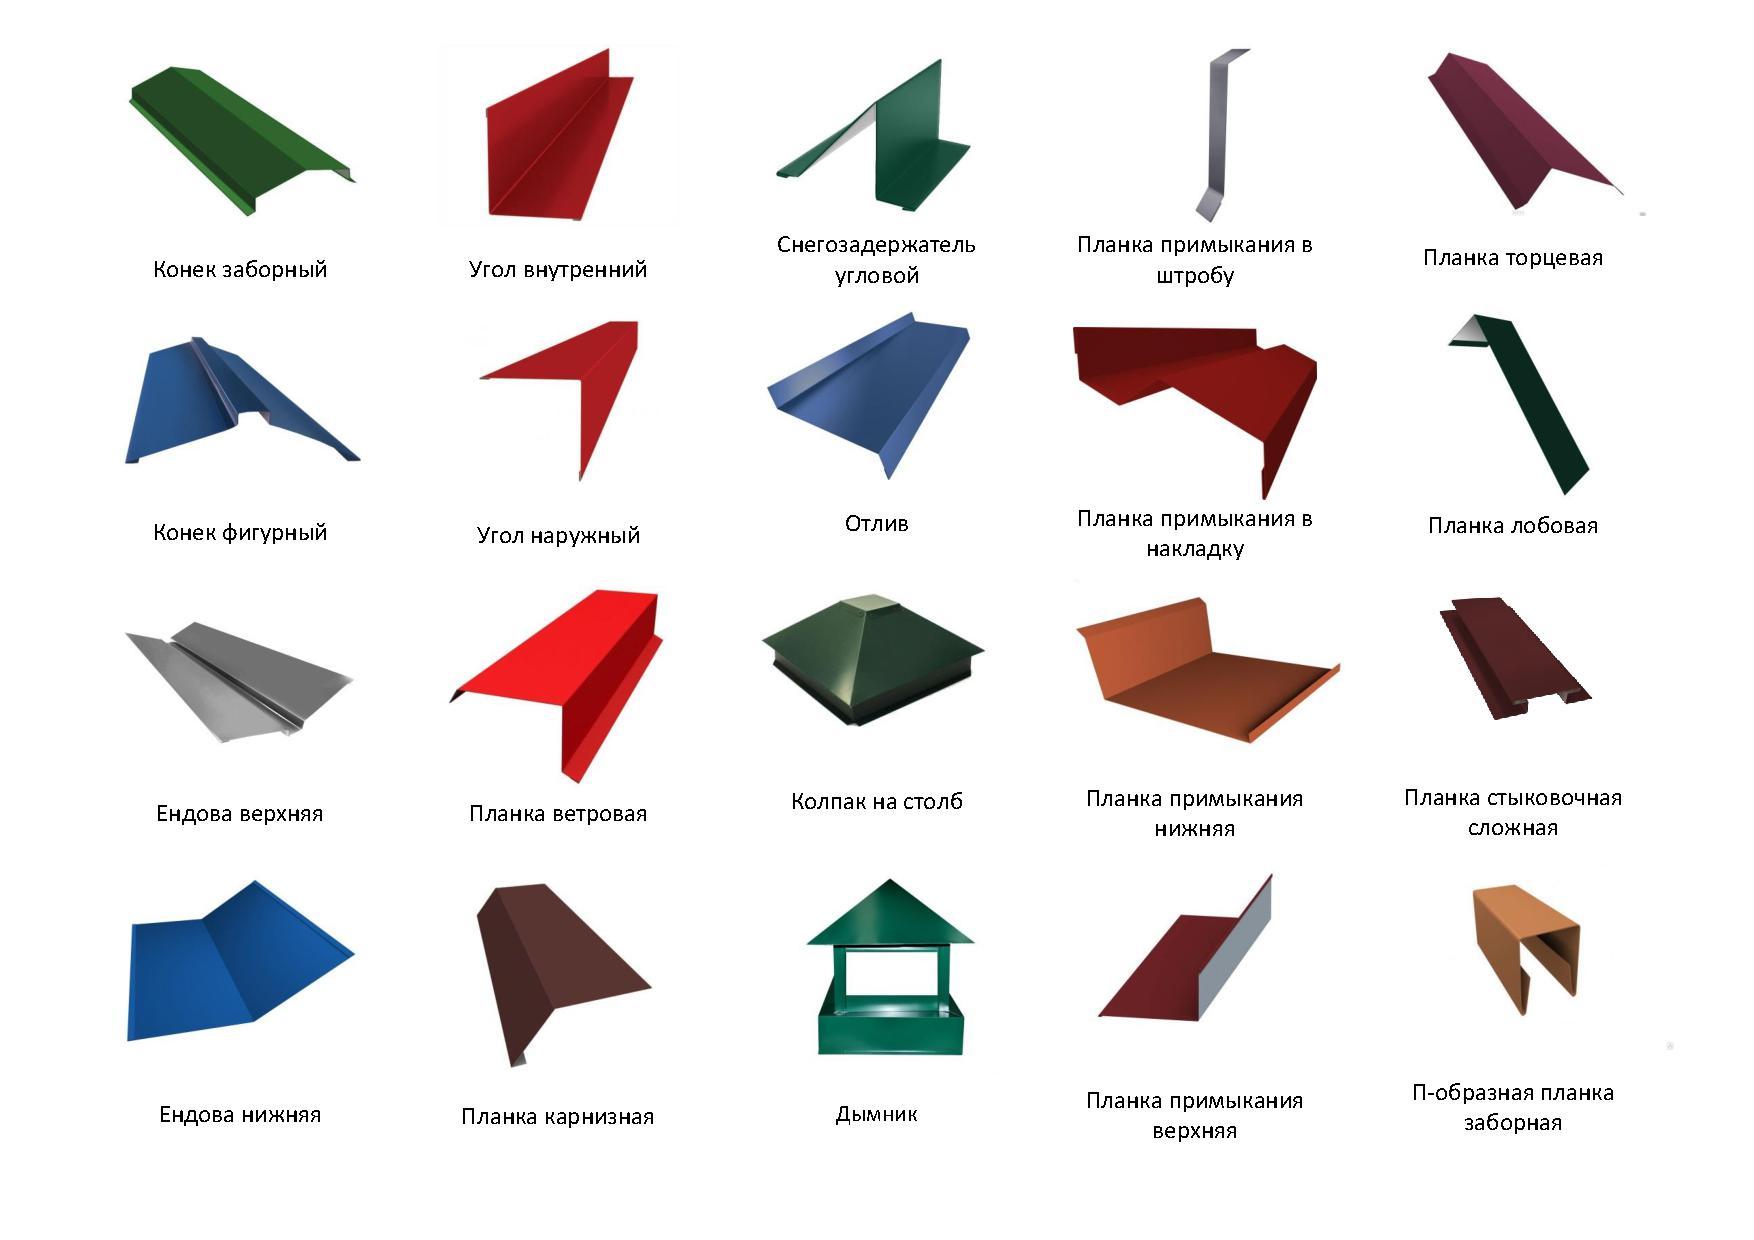 Фасонные изделия для кровли и фасада